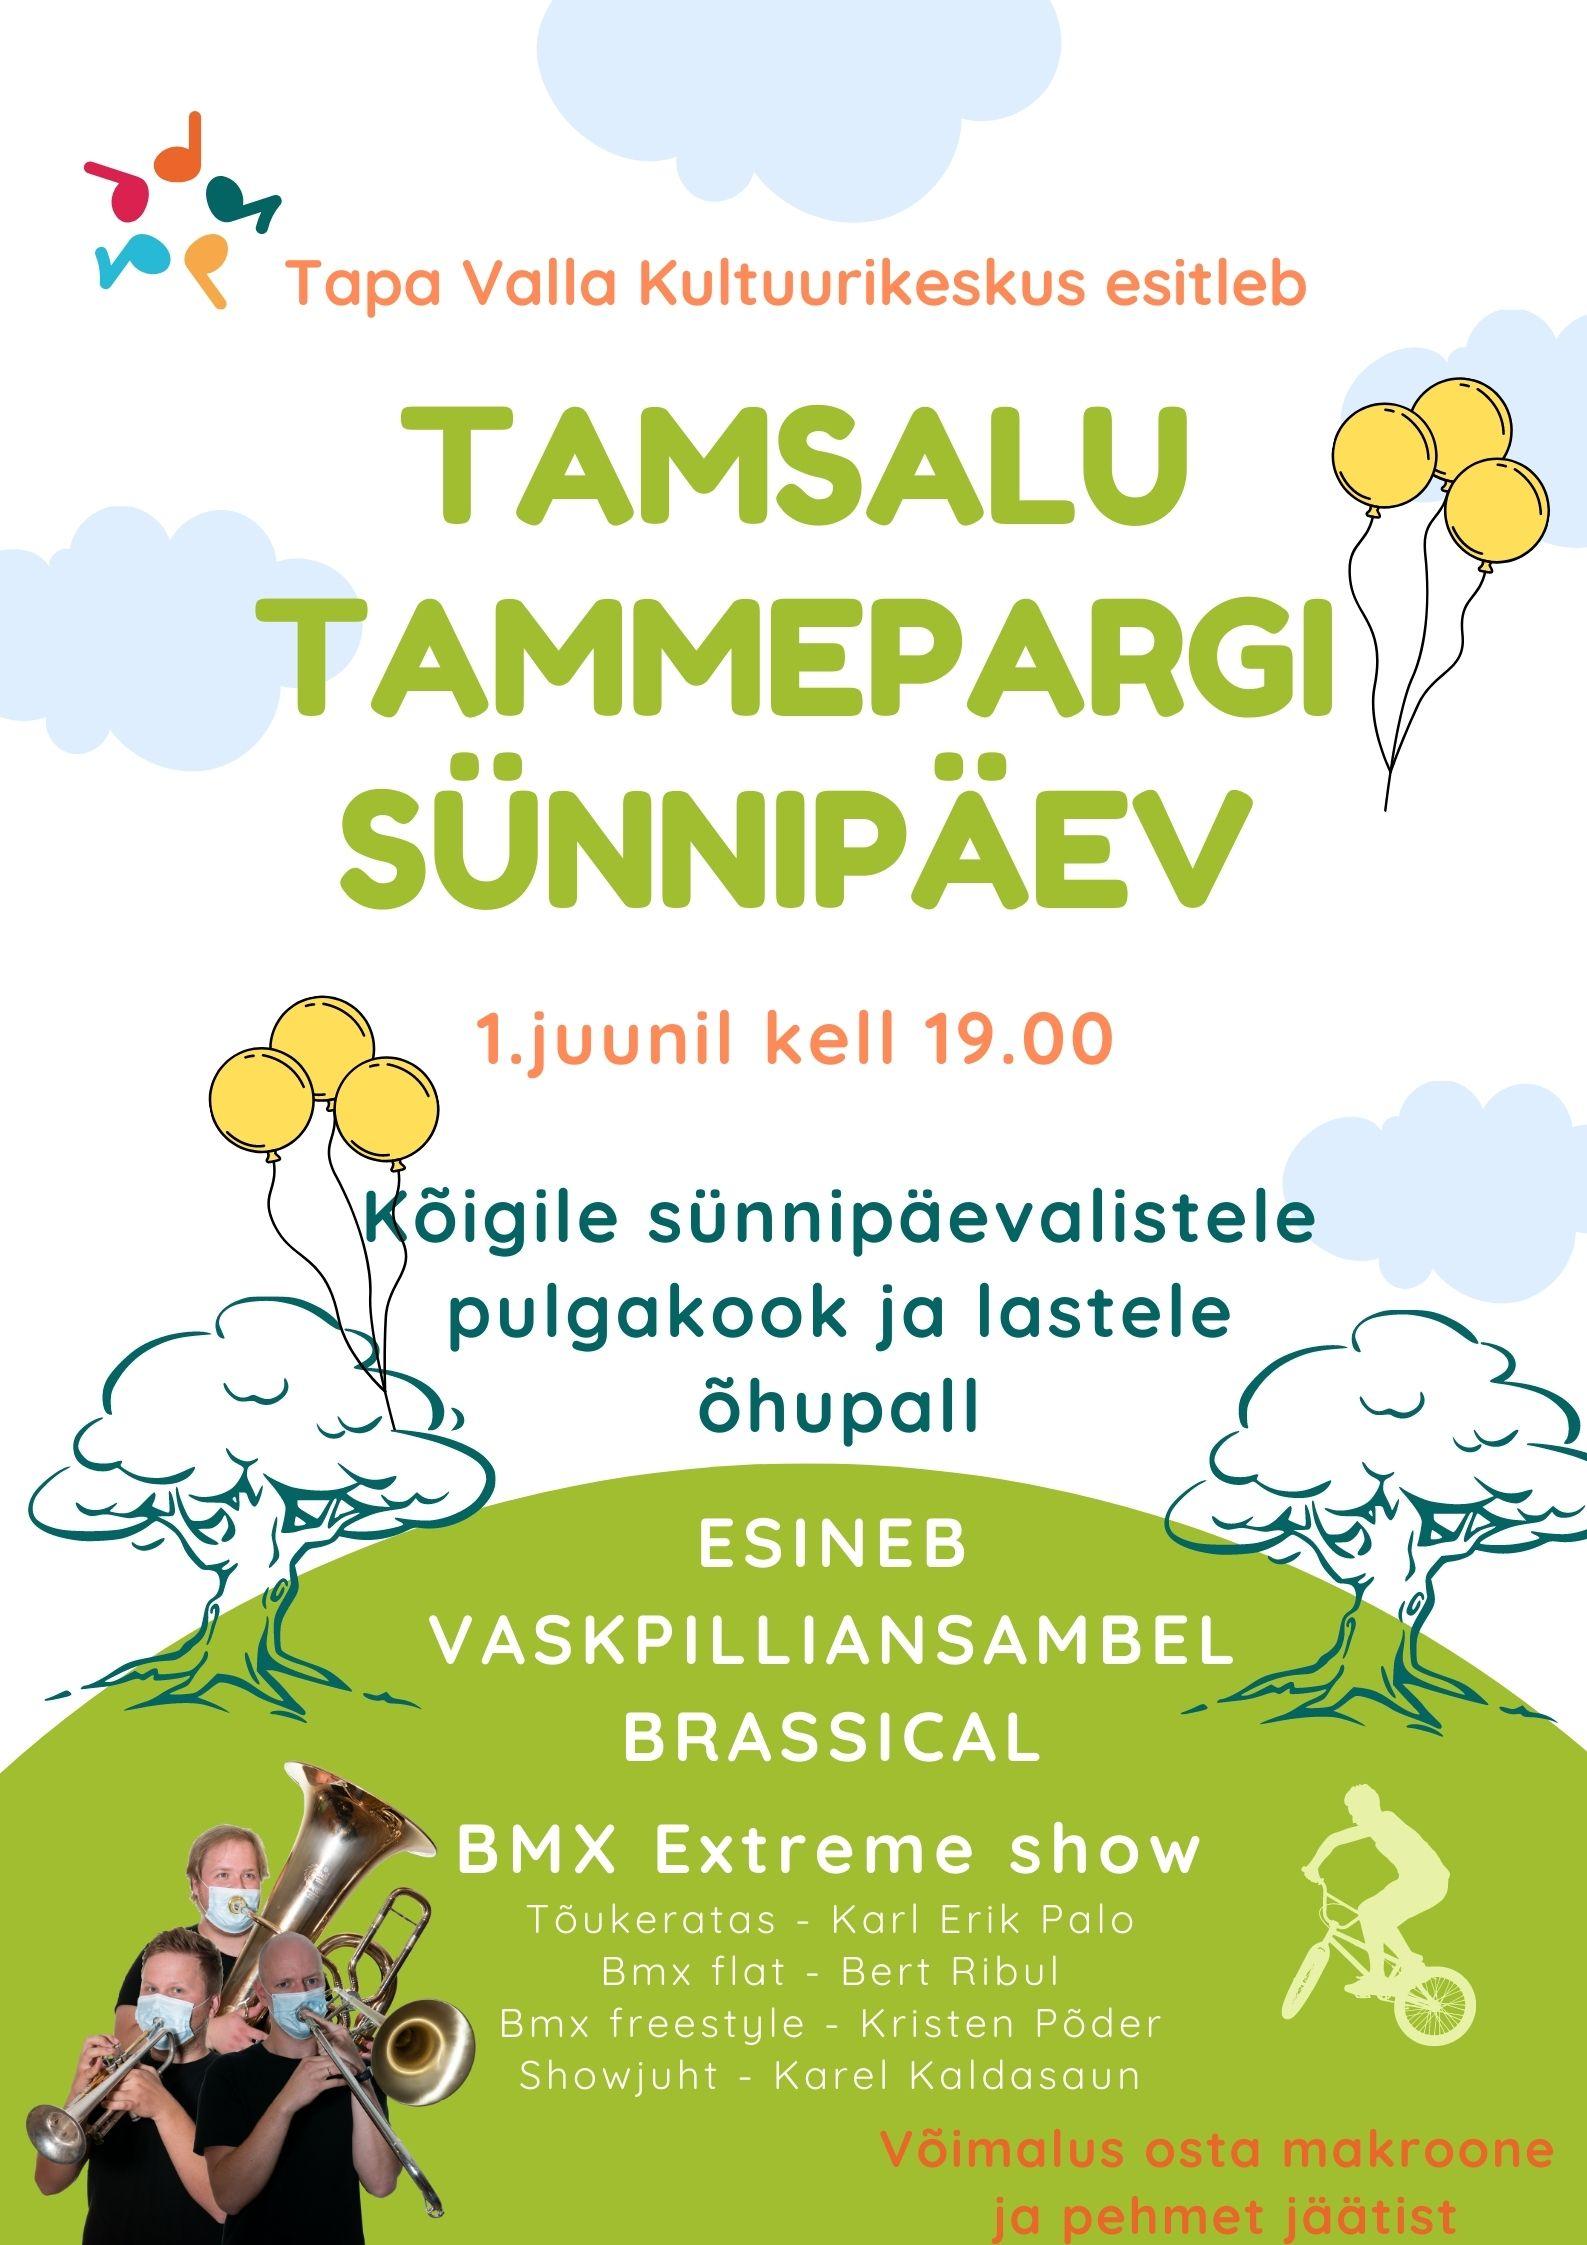 EV100 tammepargid tähistavad sünnipäeva Tamsalus!